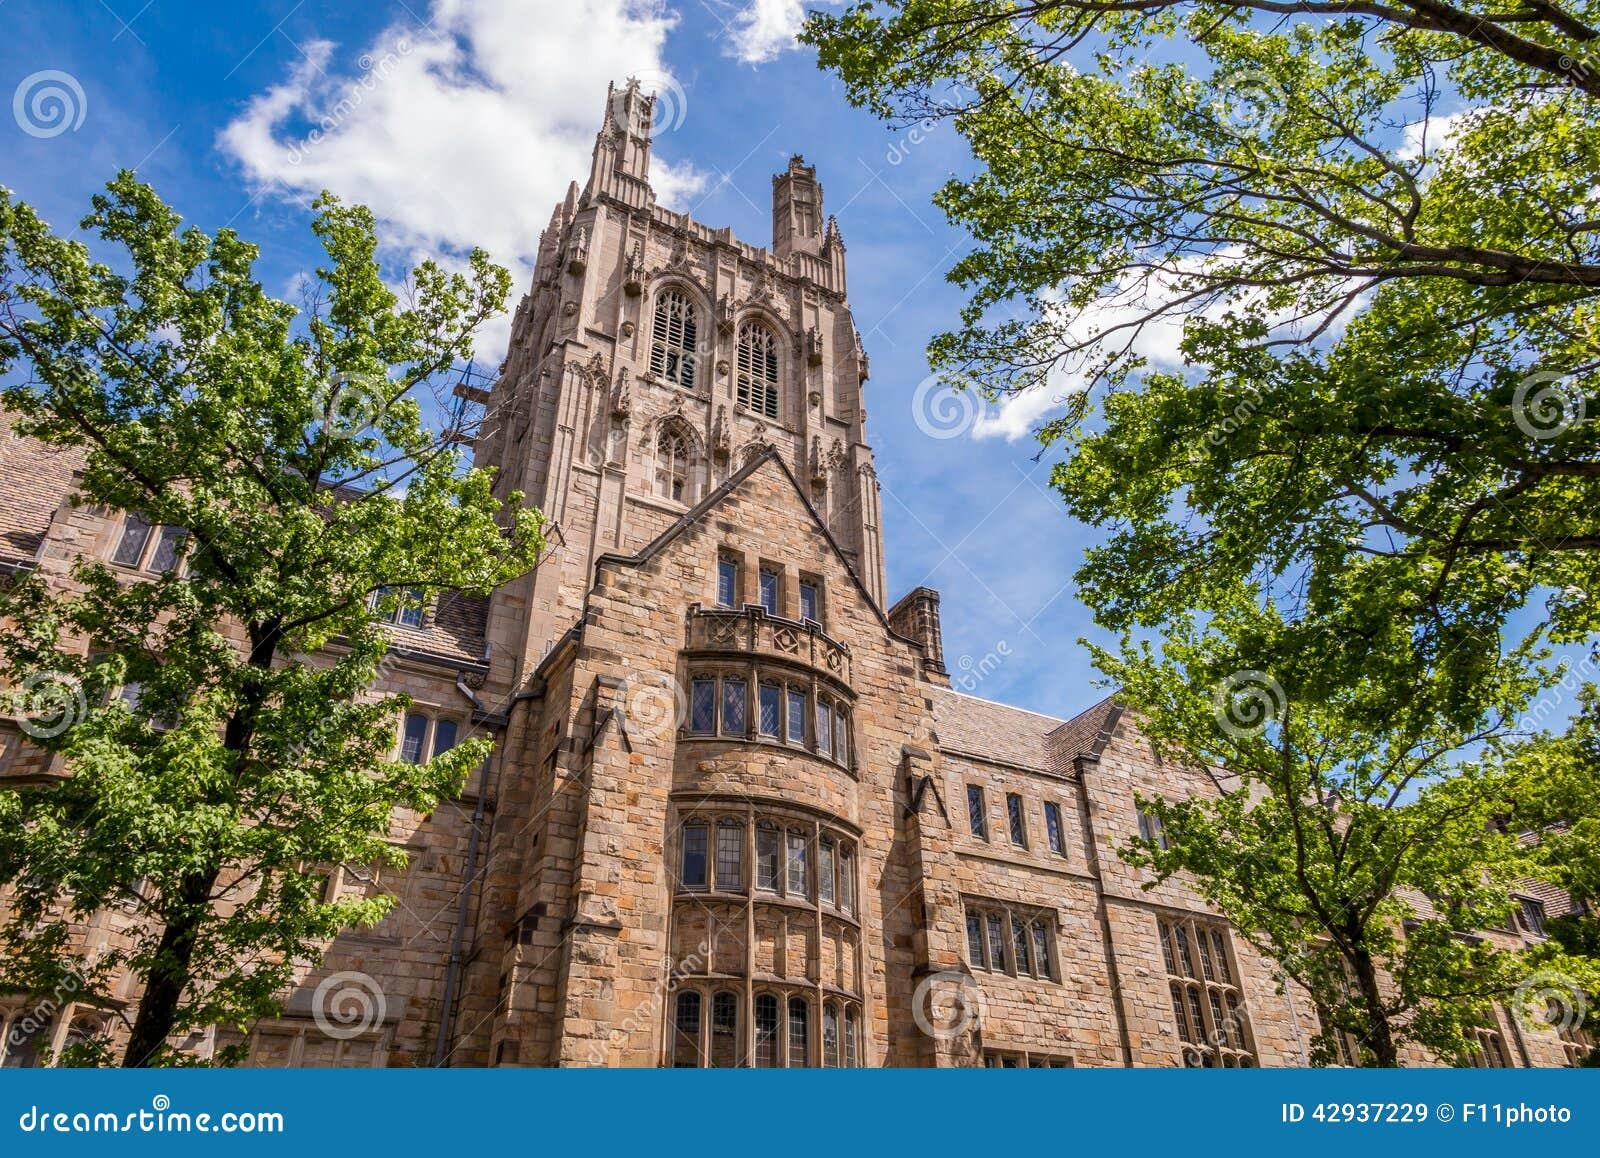 Construções da Universidade de Yale no céu azul do verão em New Haven, CT E.U.